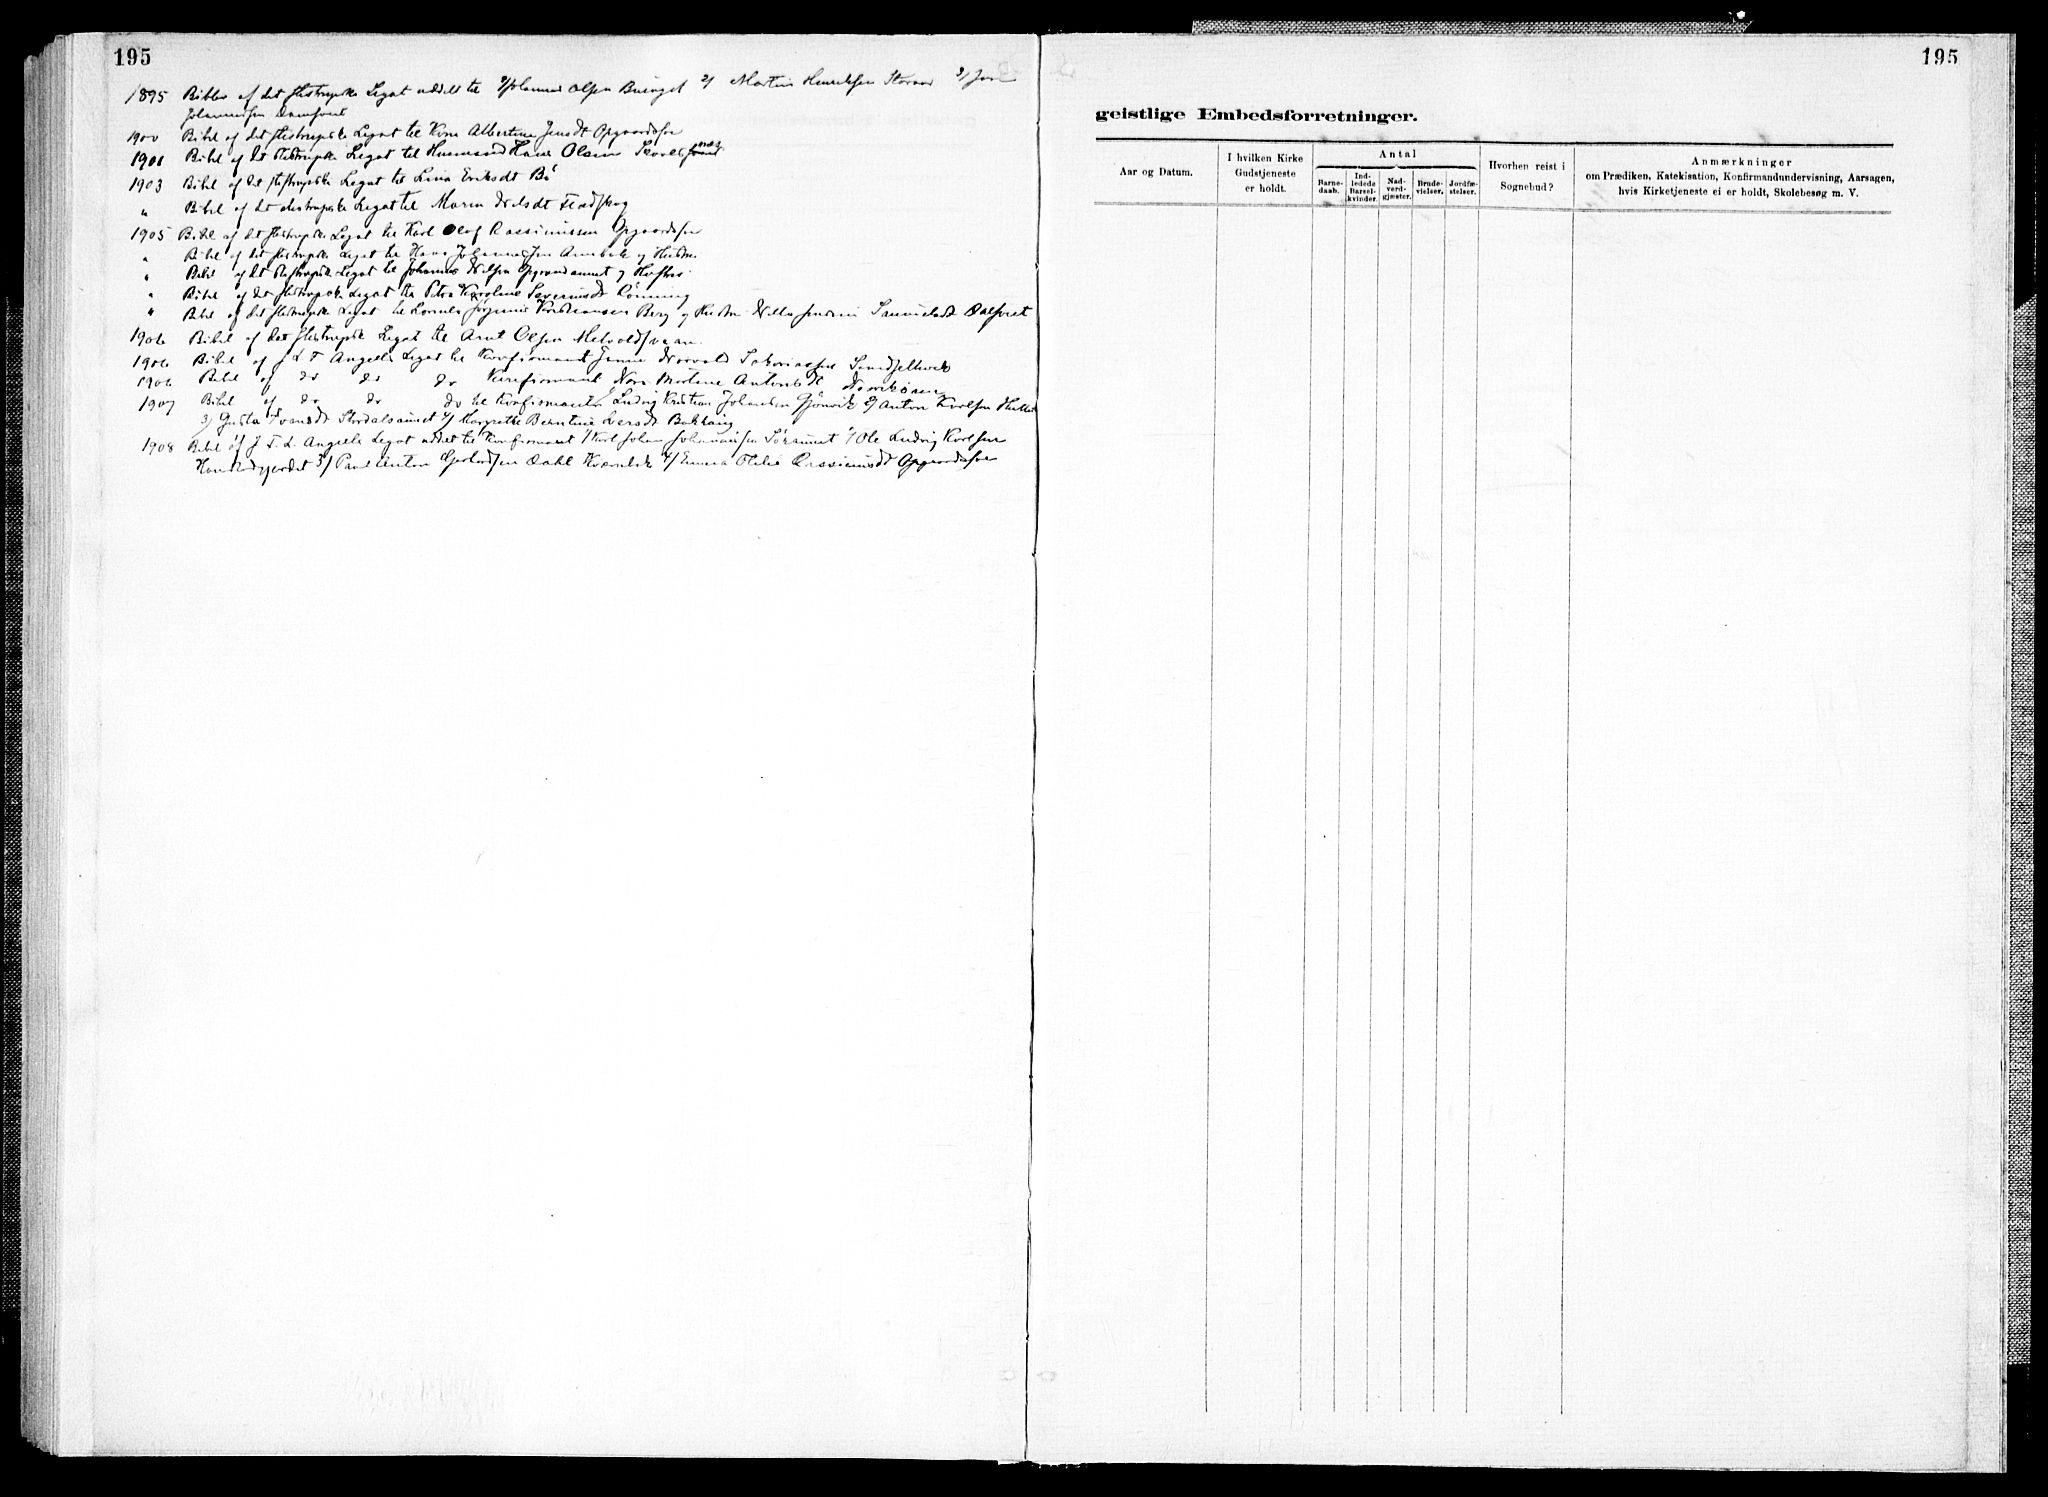 SAT, Ministerialprotokoller, klokkerbøker og fødselsregistre - Nord-Trøndelag, 733/L0325: Ministerialbok nr. 733A04, 1884-1908, s. 195